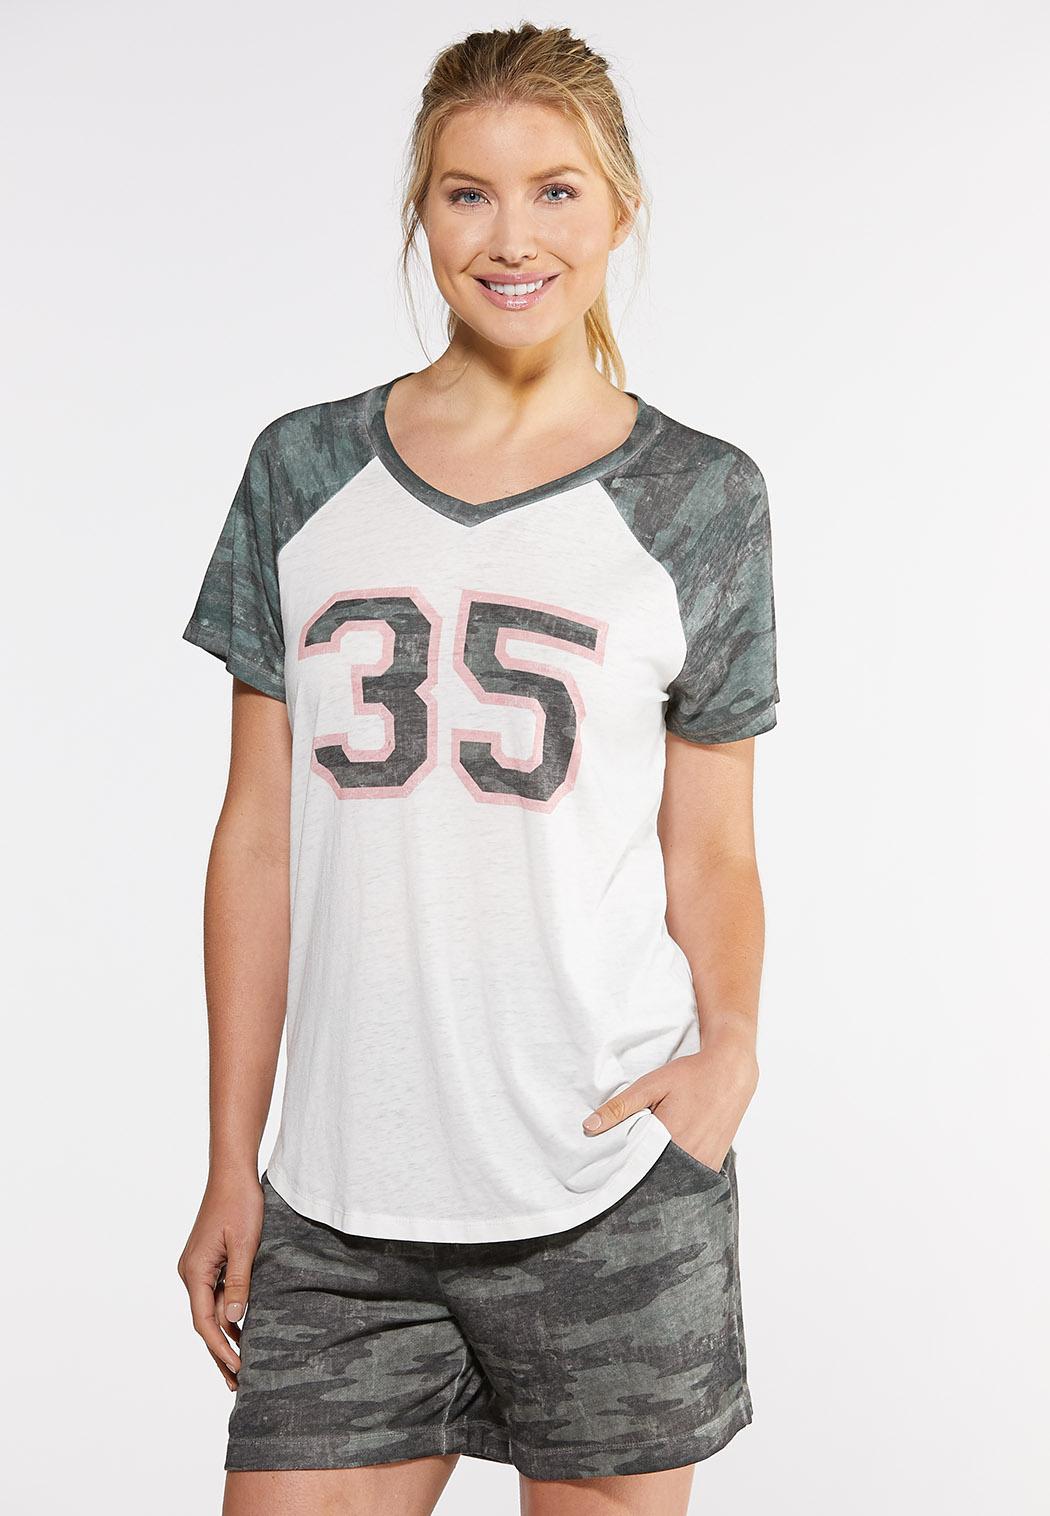 Plus Size Camo 35 Graphic Tee Tops Cato Fashions